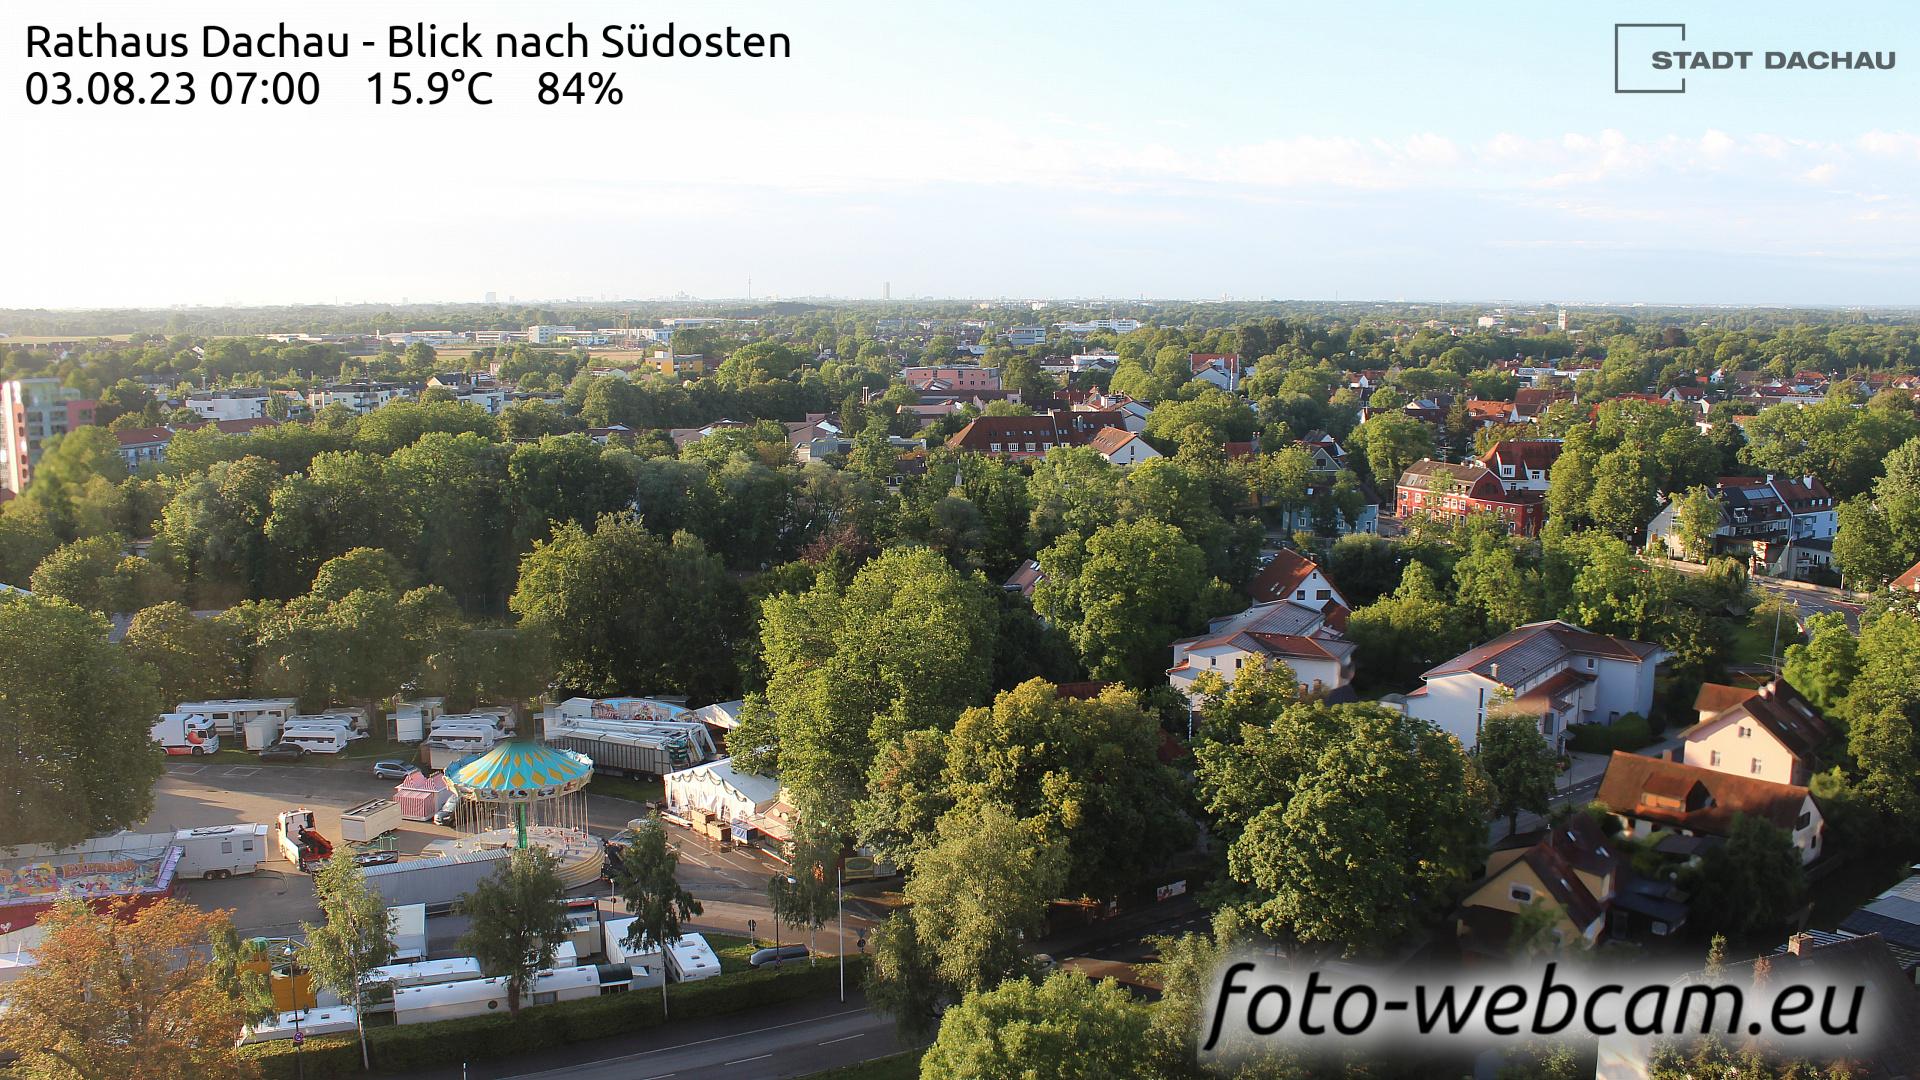 Dachau Tue. 07:09